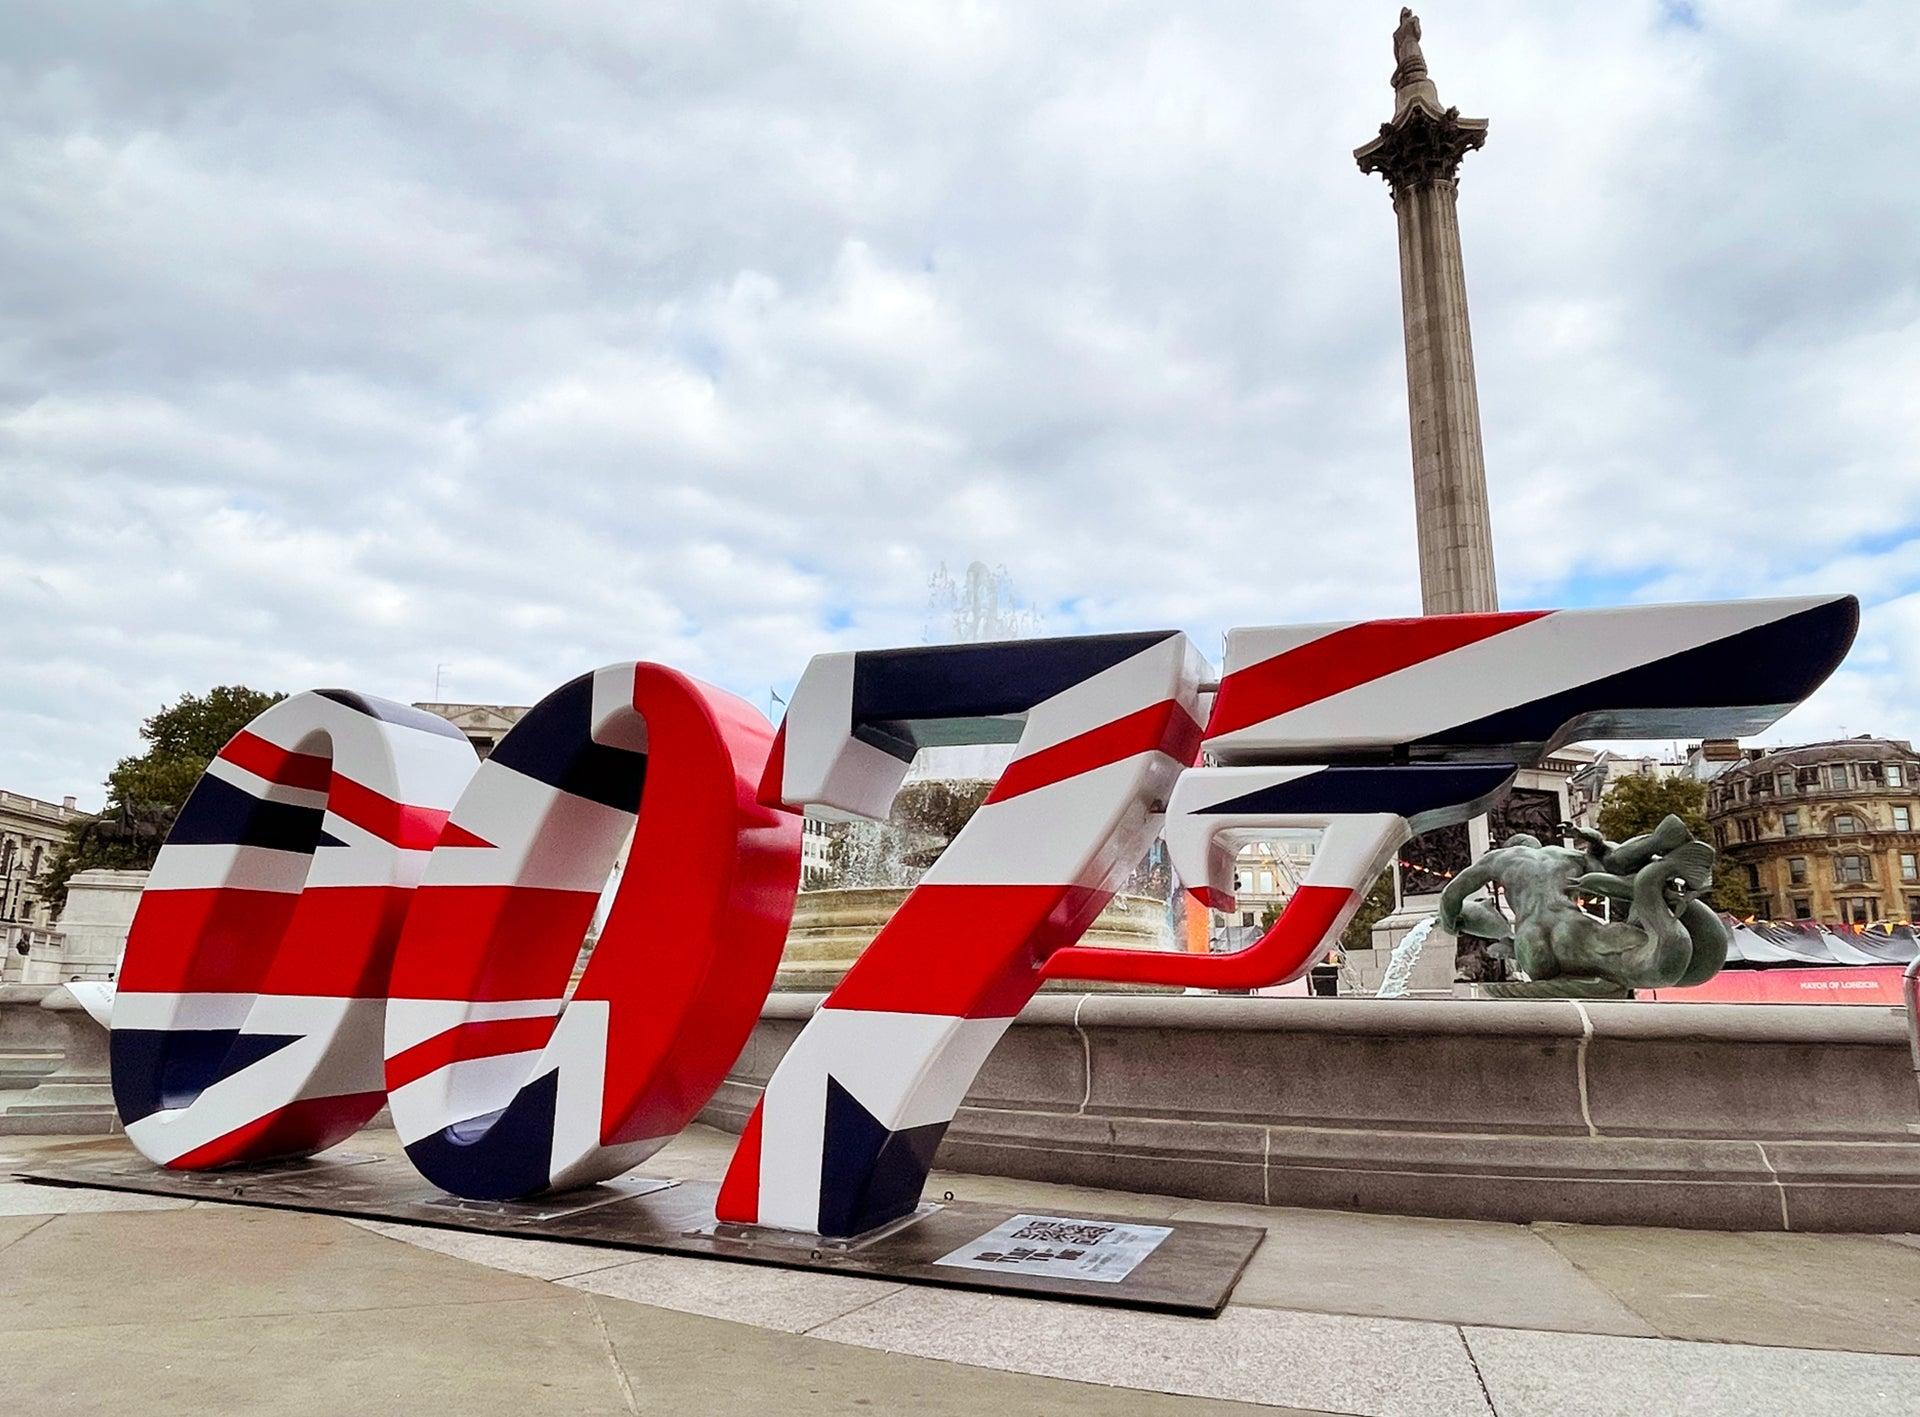 007 Sculpture In Trafalgar Square